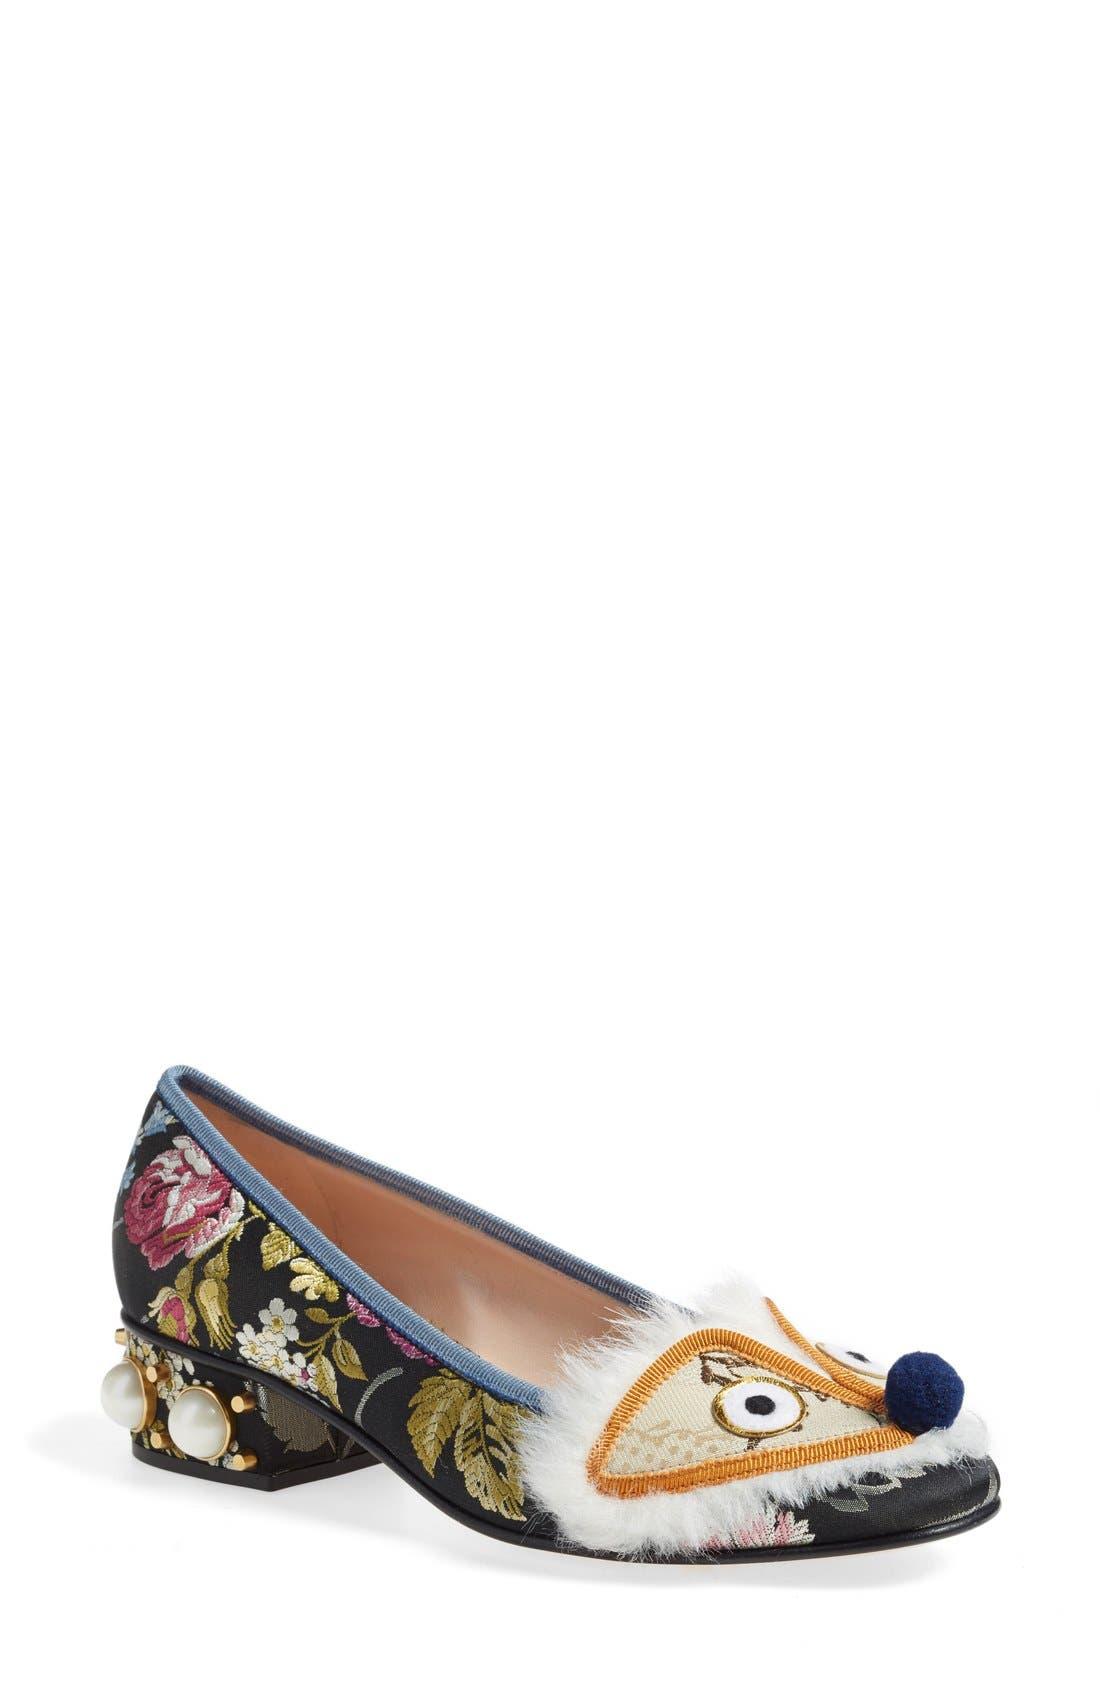 GUCCI, 'Kimberly' Embellished Pump, Main thumbnail 1, color, 020